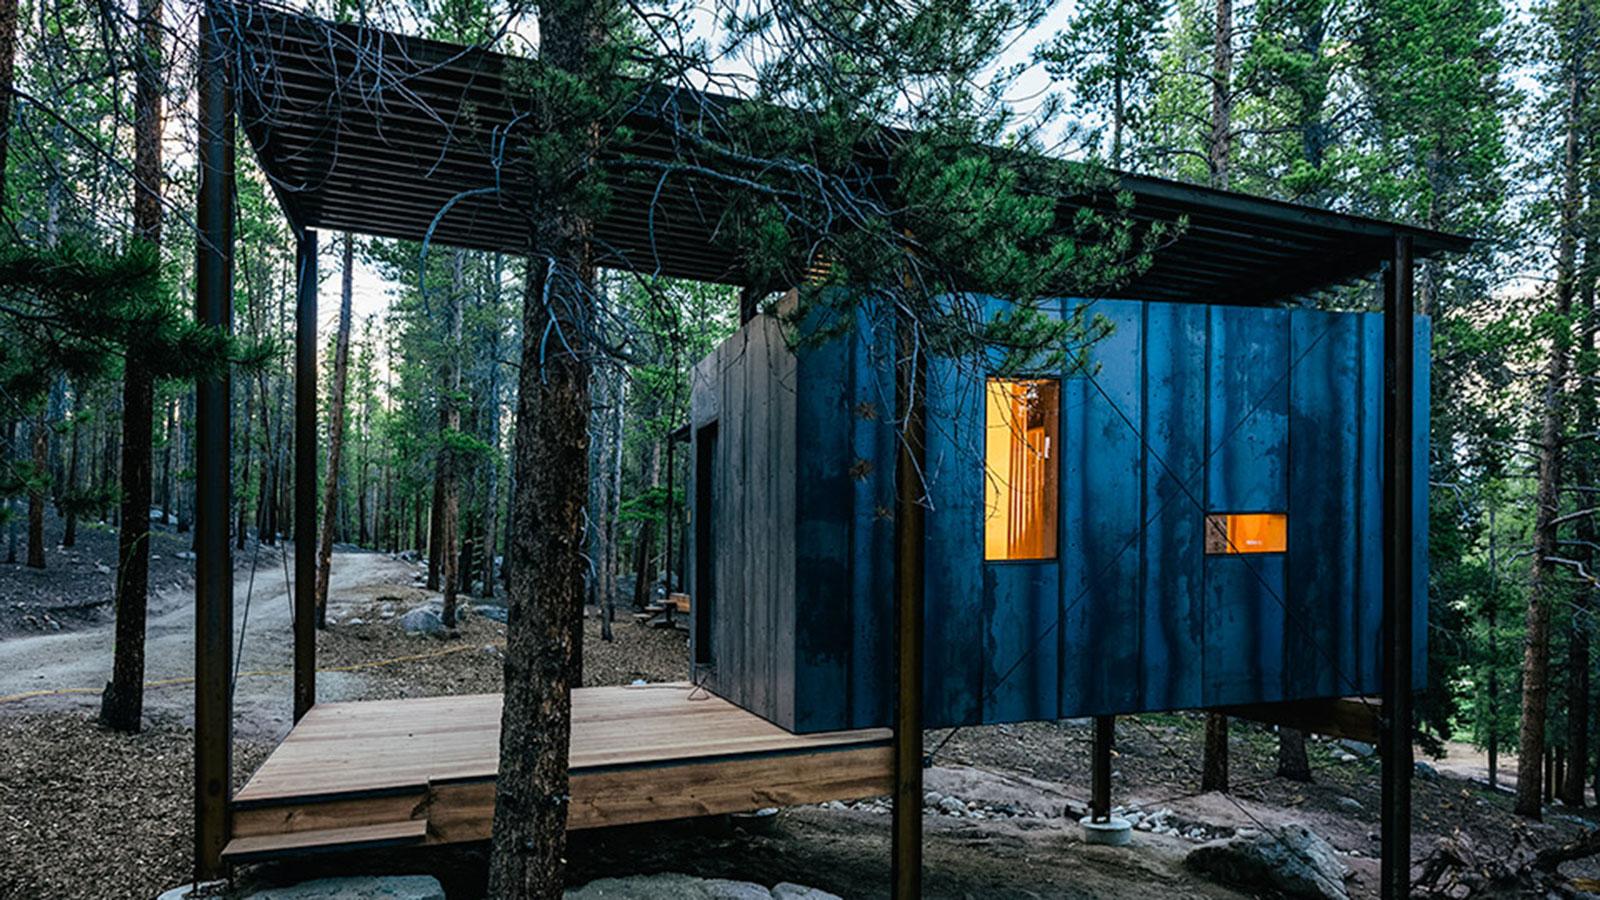 outward-bound-cabins-4